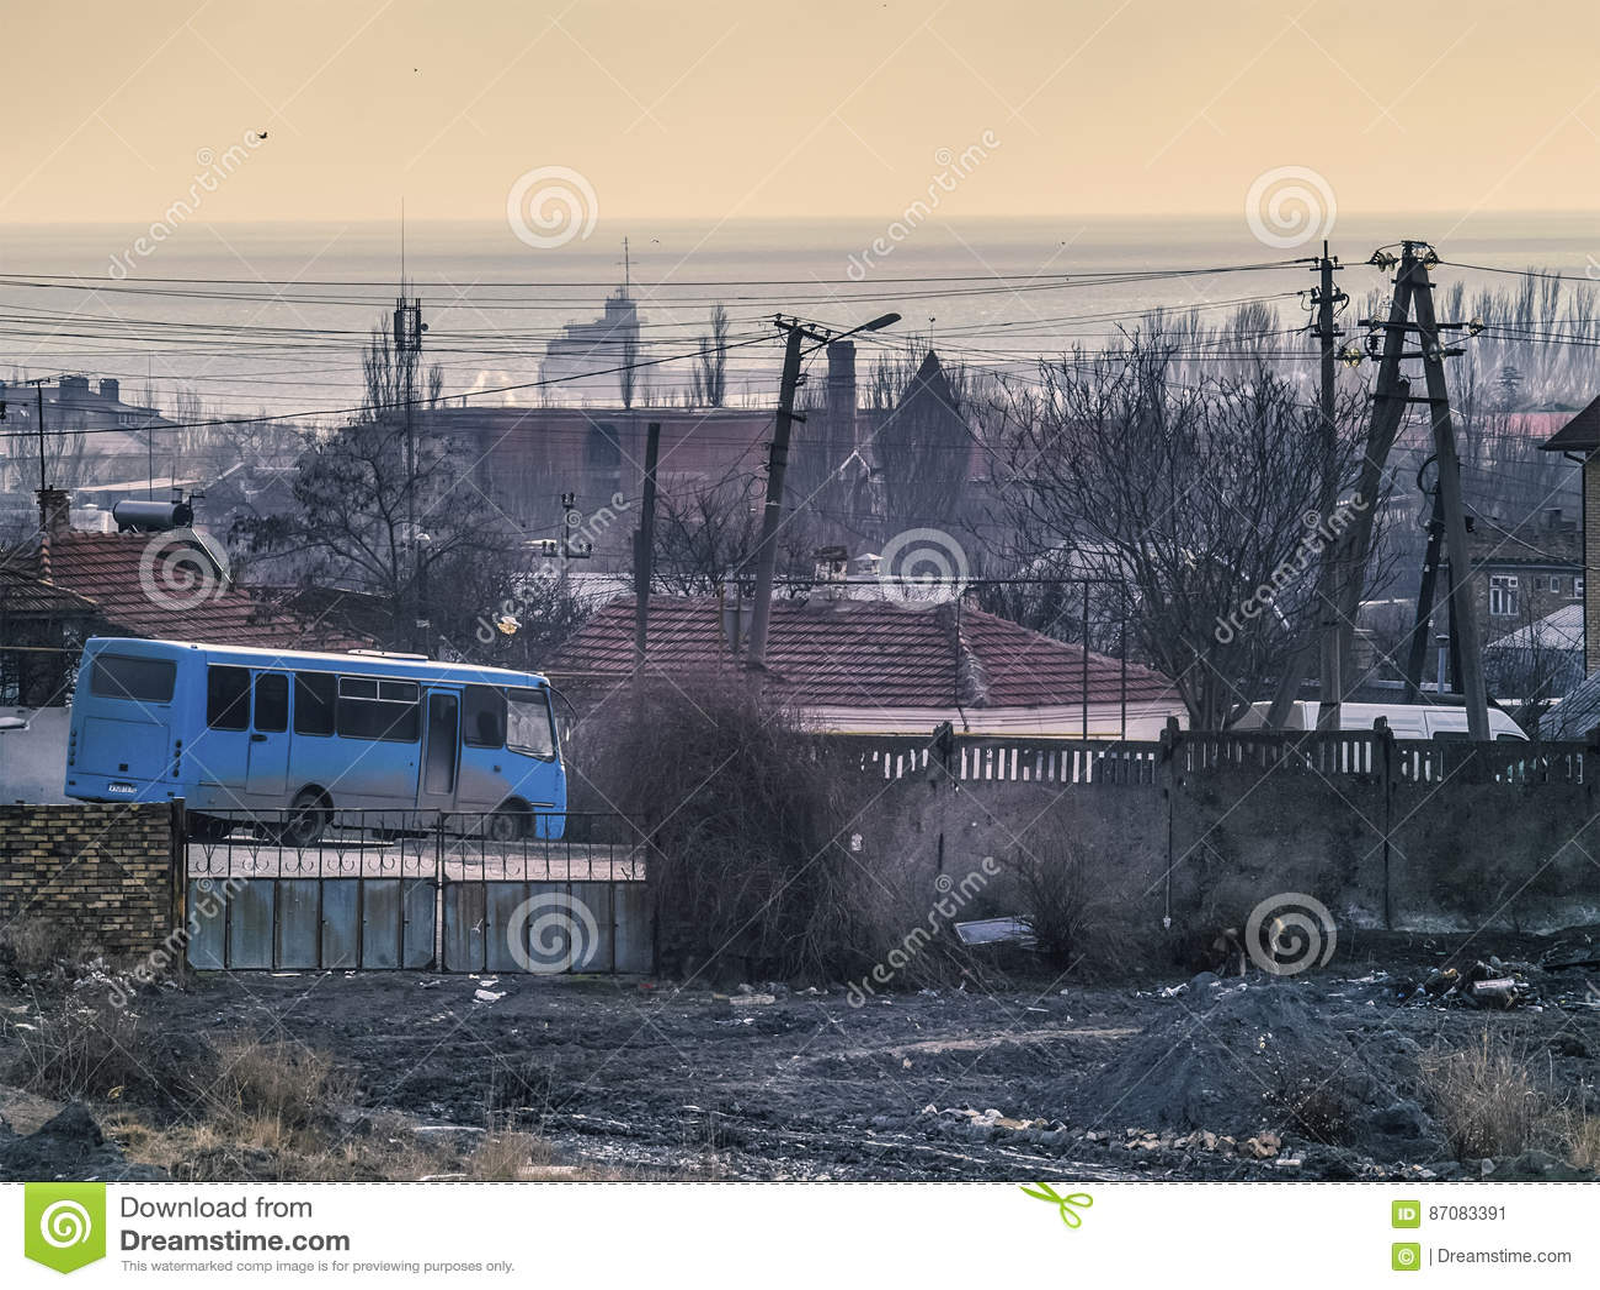 Hav, morgon, branschen och den blåa bussen